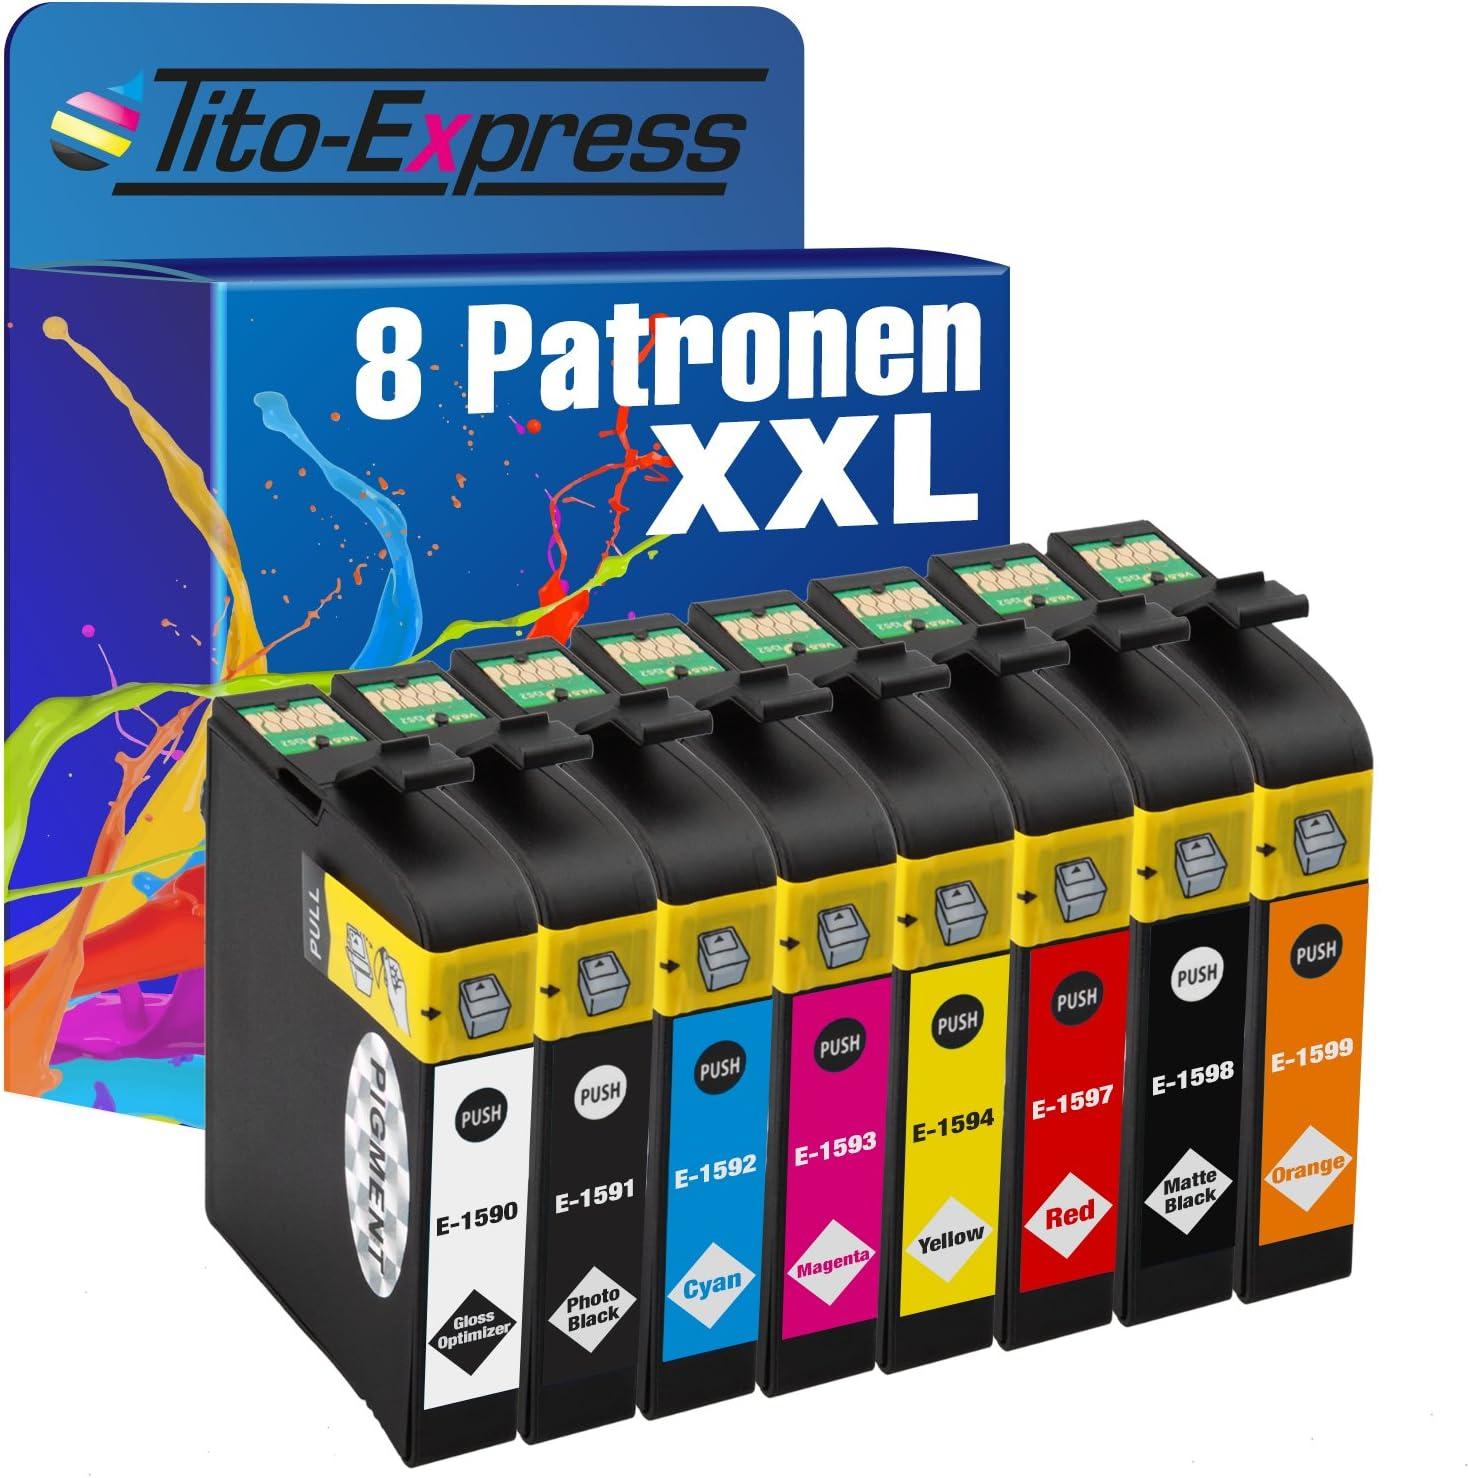 Tito Express Platinumserie 8 Druckerpatronen Xxl Te1590 Te1599 Kompatibel Mit Epson Stylus Photo R2000 Bürobedarf Schreibwaren